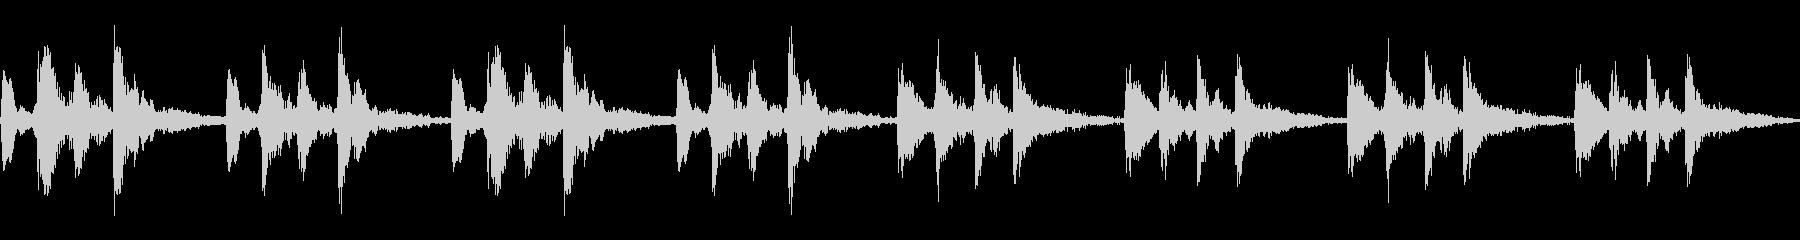 弦楽音 CM RPG  上品 ループ素材の未再生の波形